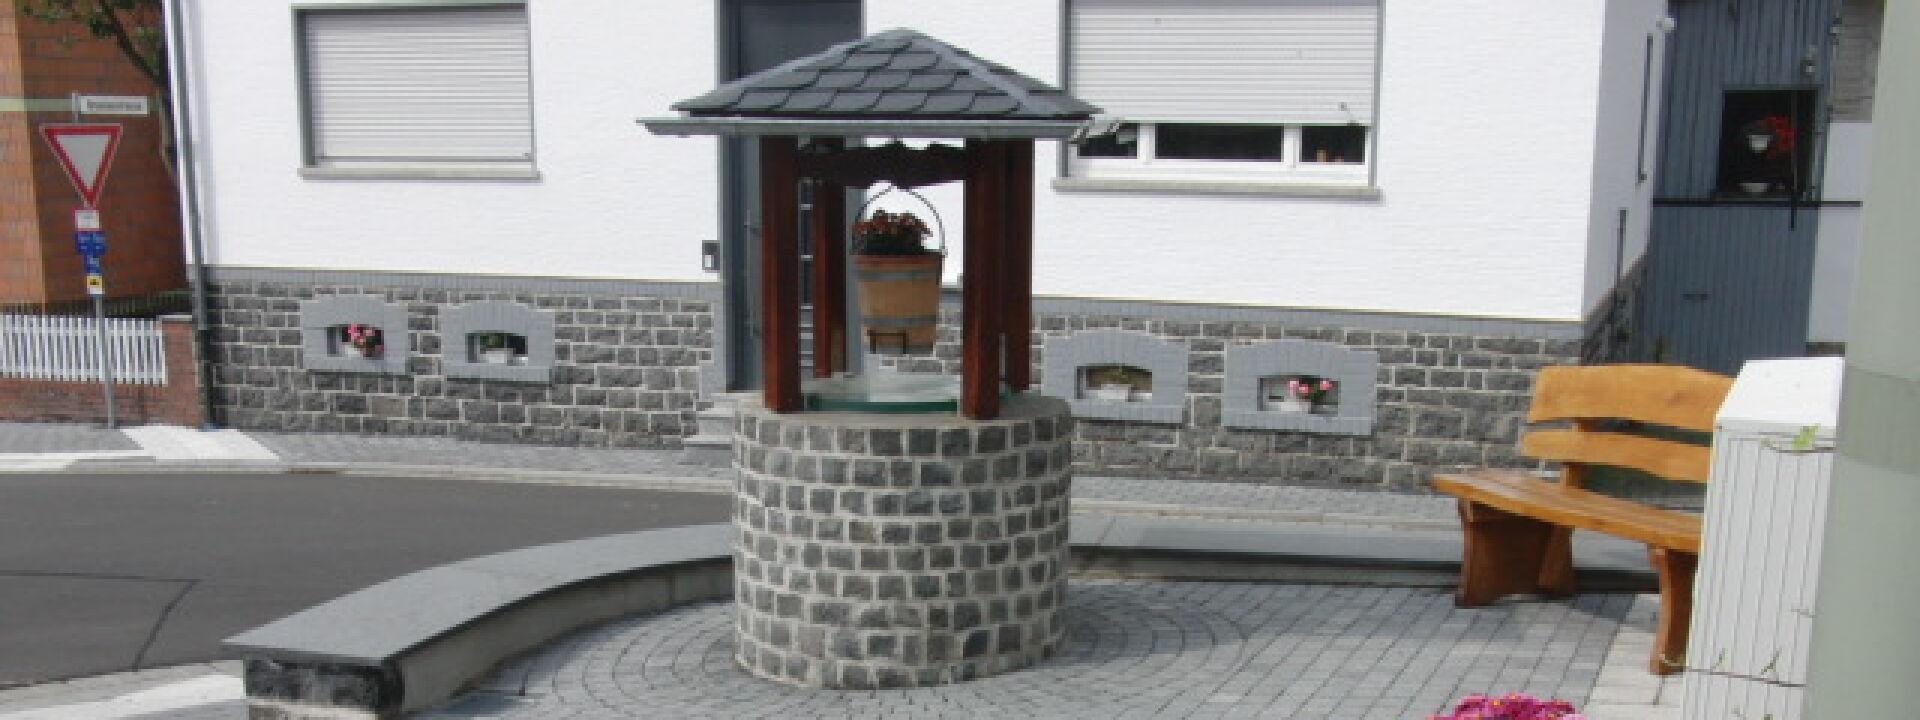 Ortsbrunnen Glashütten